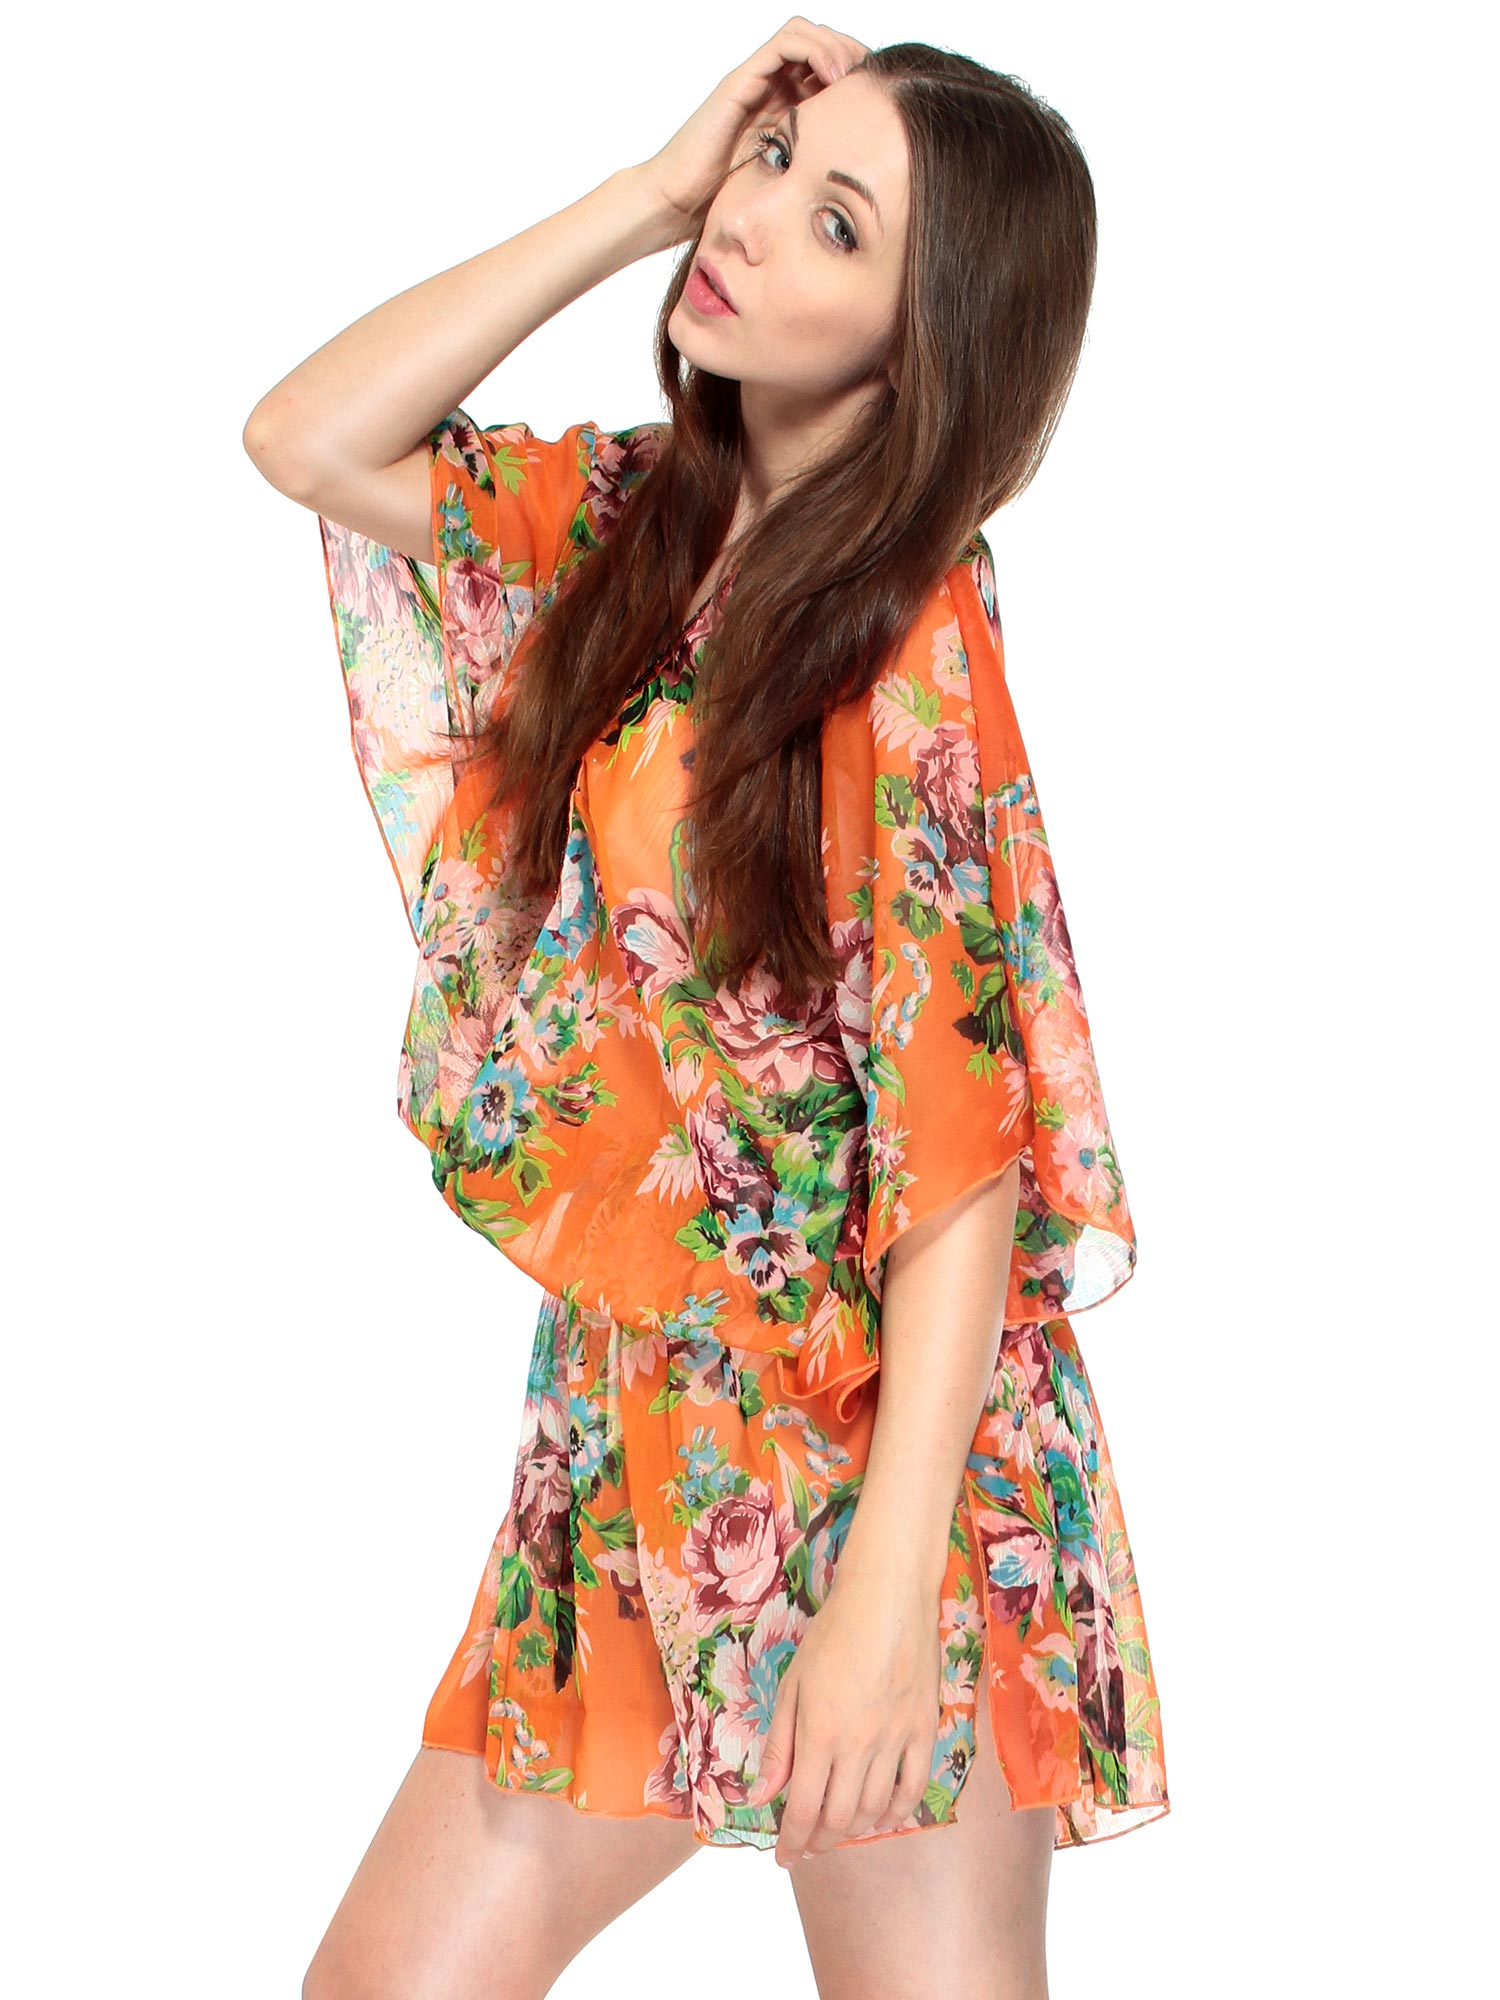 New Women Summer Boho Floral Print Beach Short Mini Dress Sundress Tank Tops